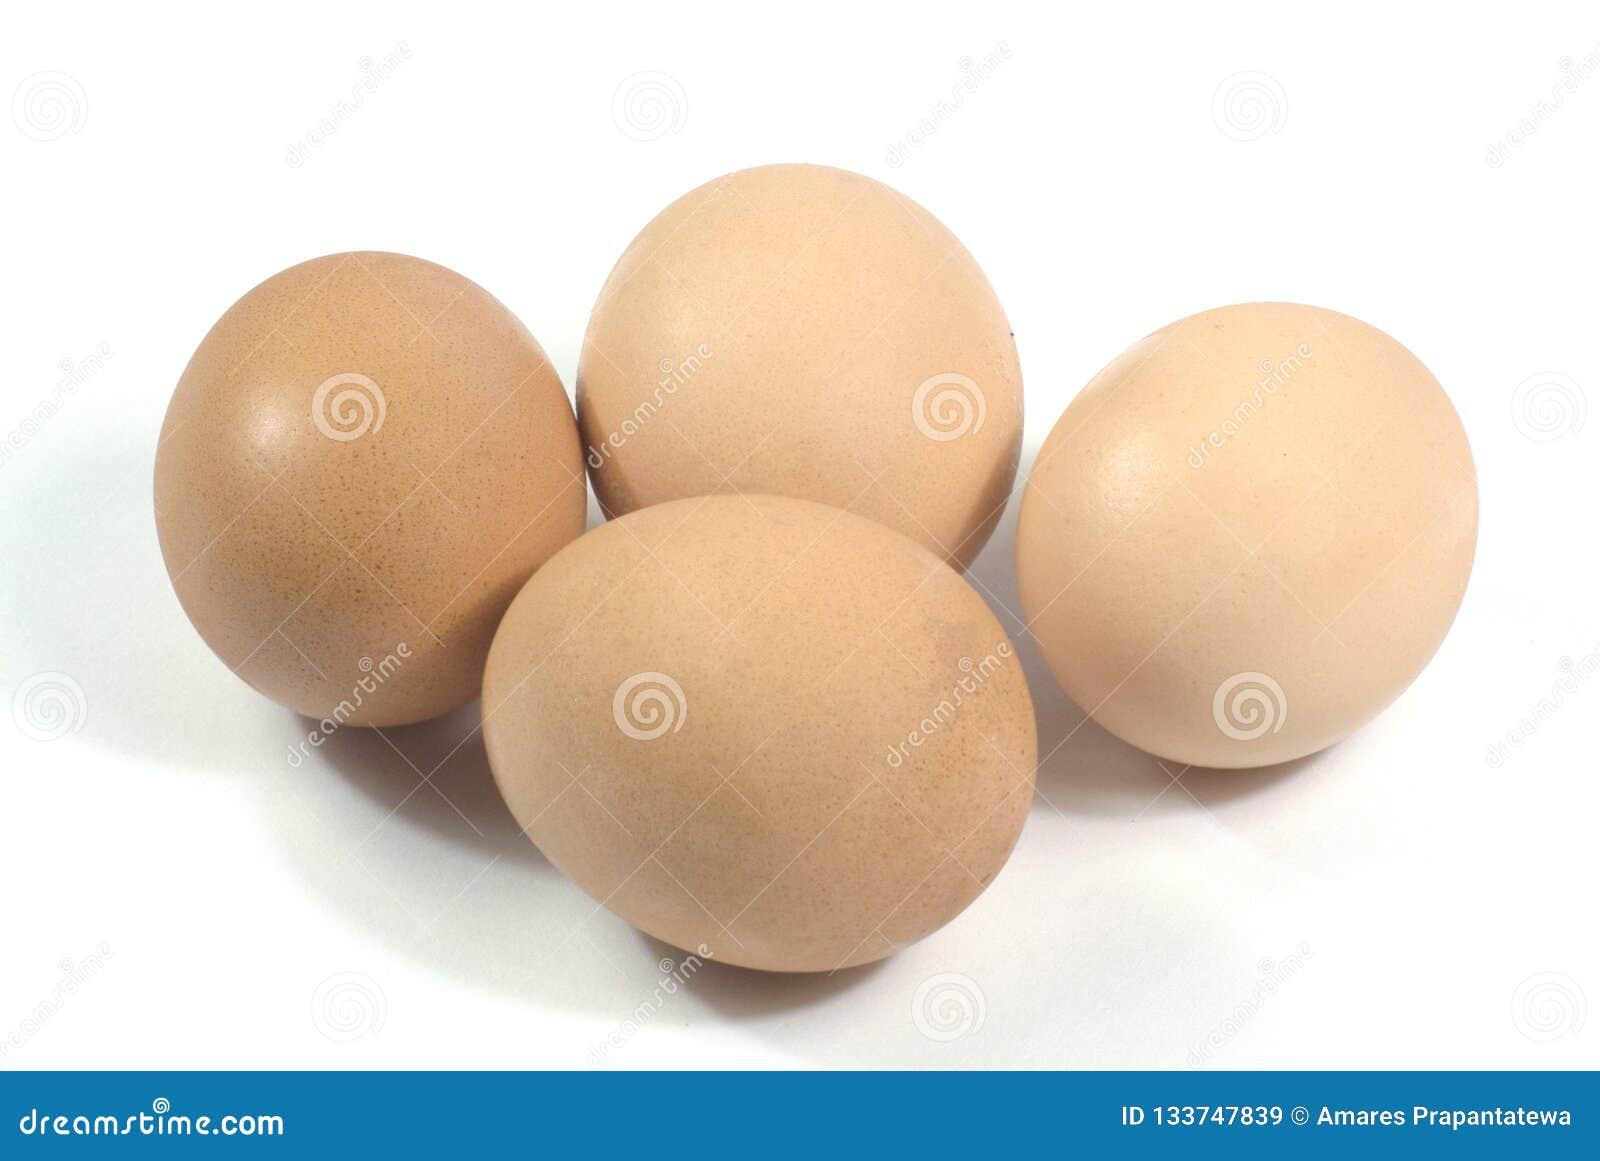 Eier der Nahaufnahme vier lokalisiert auf weißem Hintergrund mit Beschneidungspfad